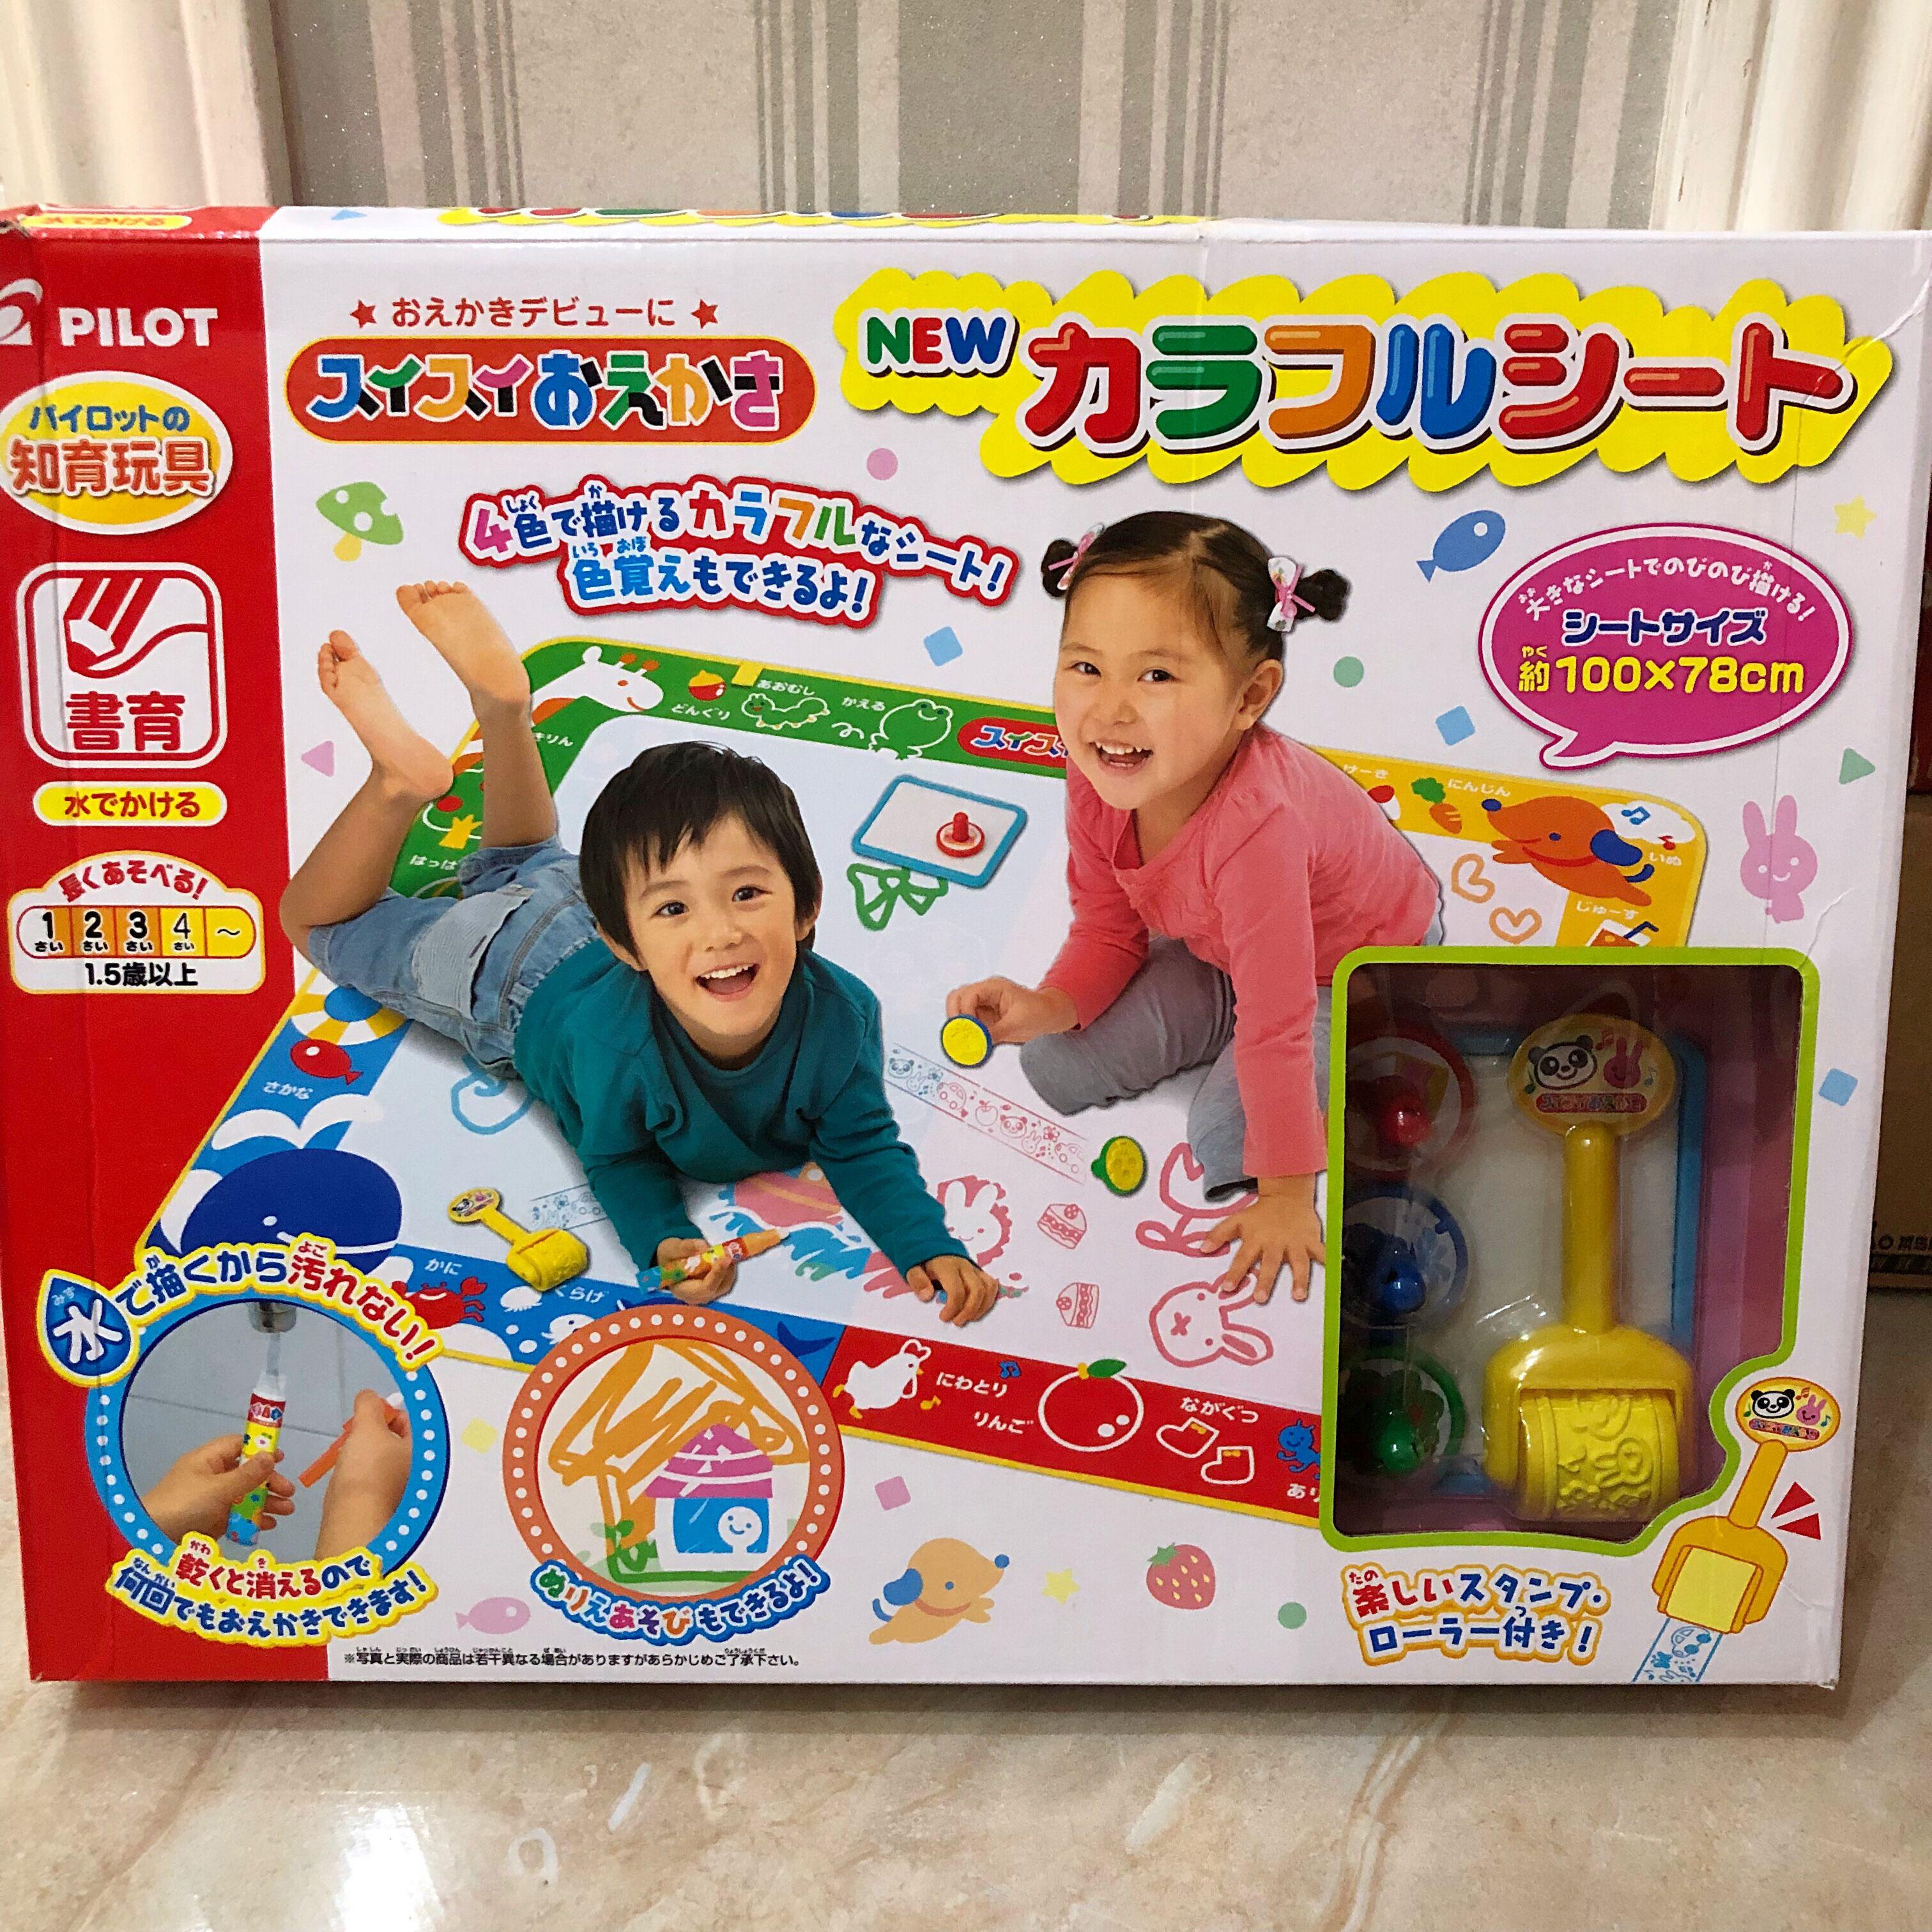 Сейчас в надичии бесплатная доставка япония pilot ребенок волшебный акварель ткань 4 цветовые модели ребенок акварель одеяло граффити акварель